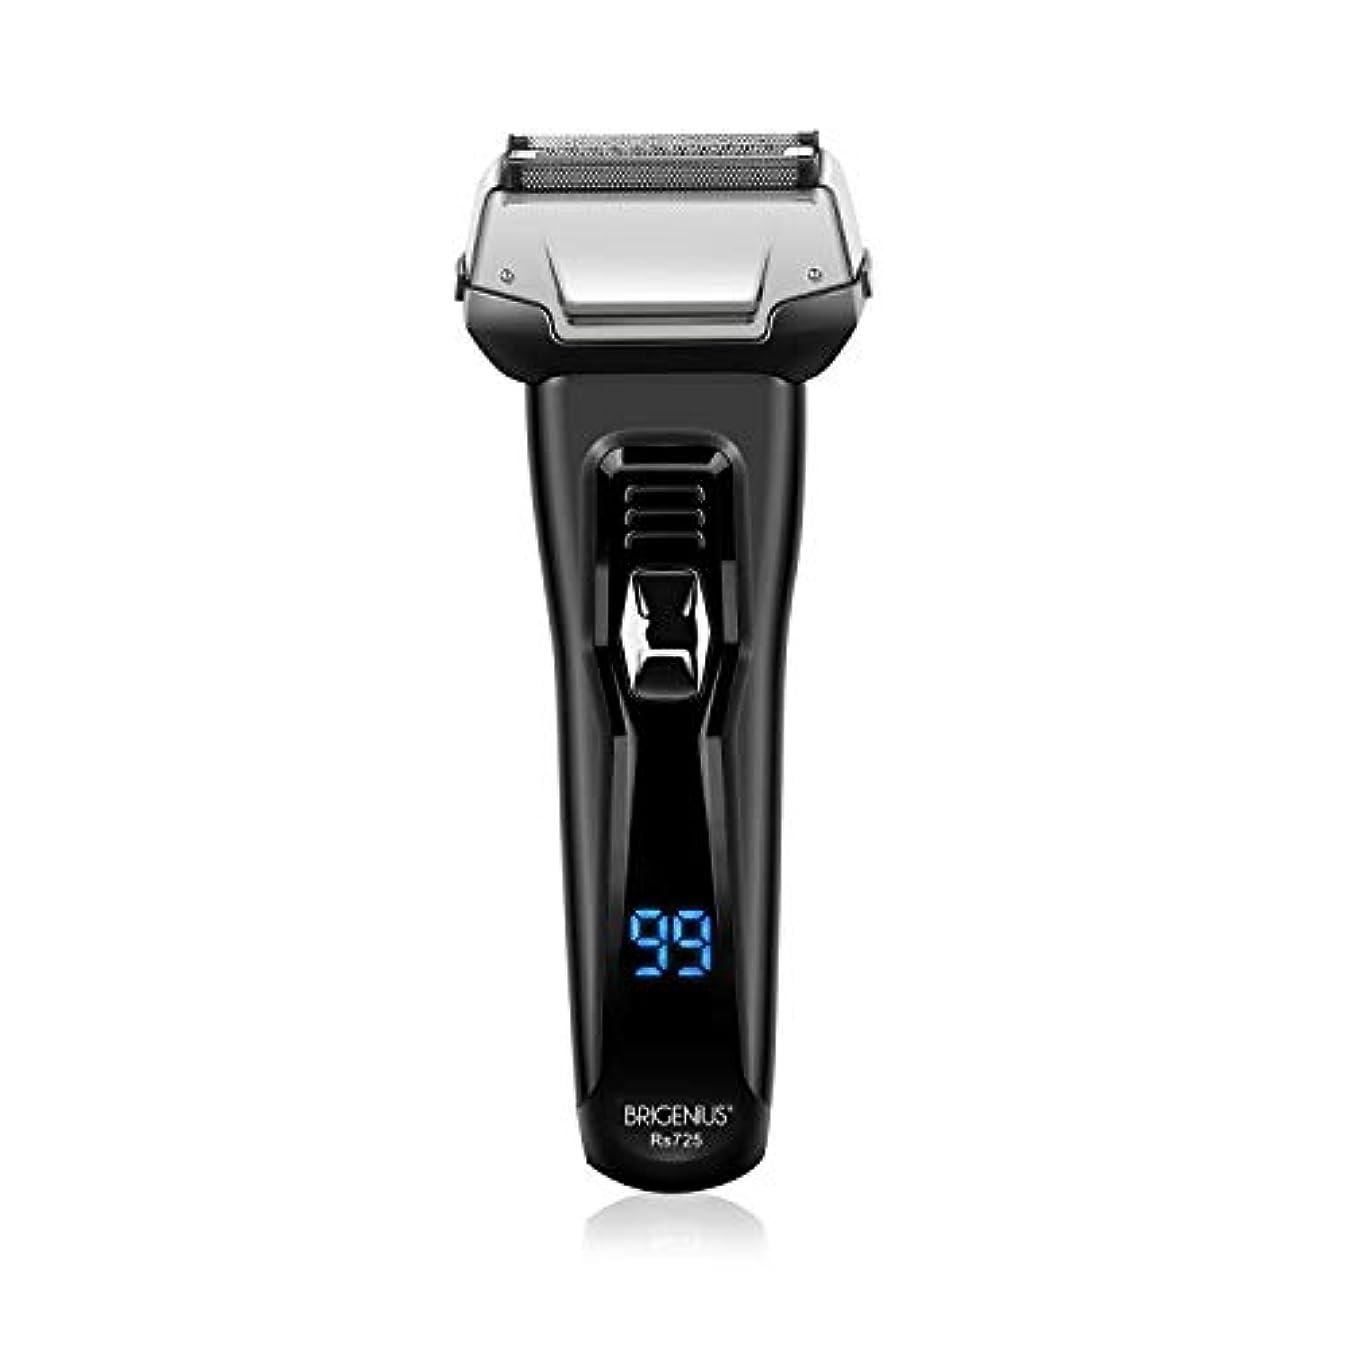 分離するしかしクリア電気シェーバー 3枚刃 往復式 髭剃り ひげそり 水洗い お風呂剃り可 シェーバー LCD残量表示 USB充電式 深剃り トリマー付き 電気カミソリ メンズシェーバー